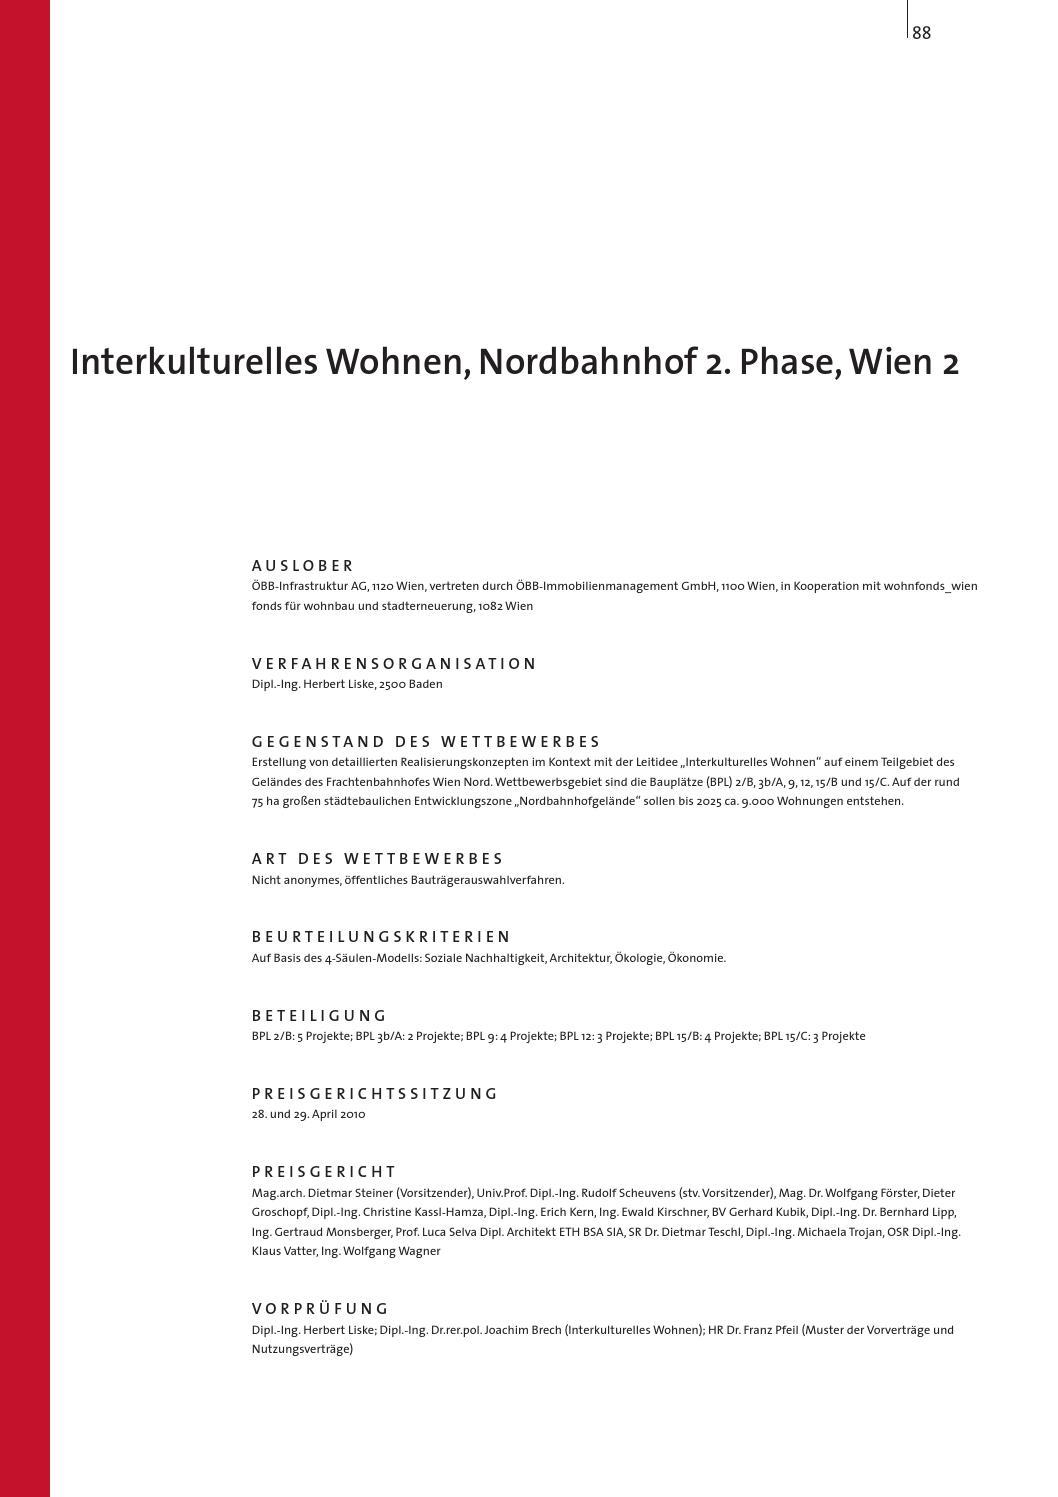 287288 Juliaug 2010 By Architekturjournal Wettbewerbe